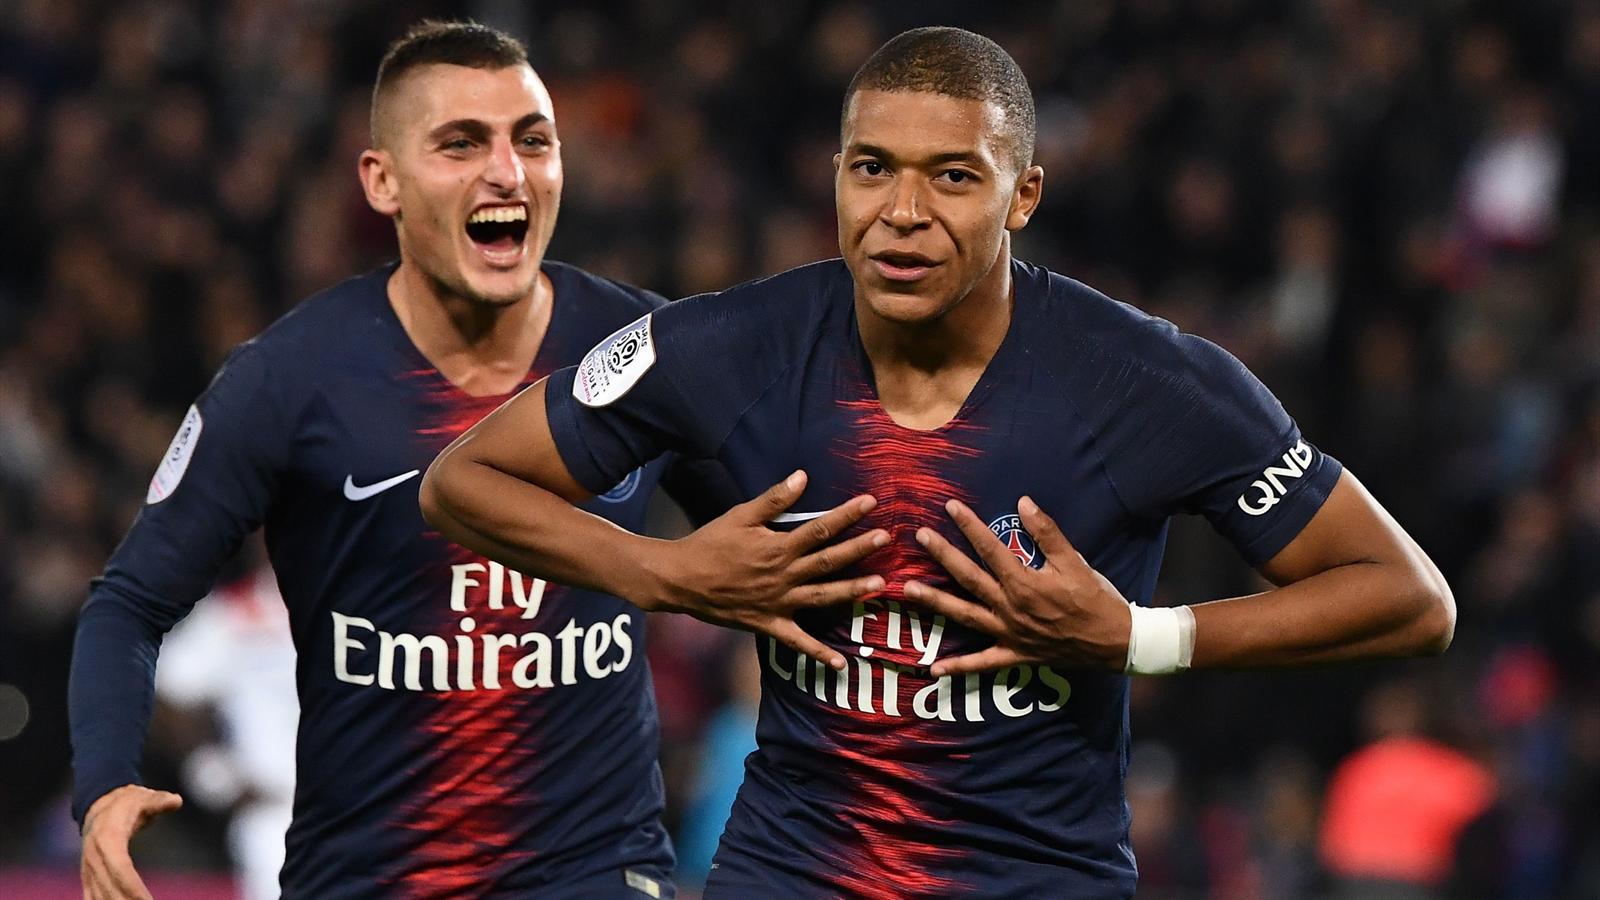 Kylian Mbappe destroys Lyon with four-goal salvo - Ligue 1 2018-2019 - Football - Eurosport ...